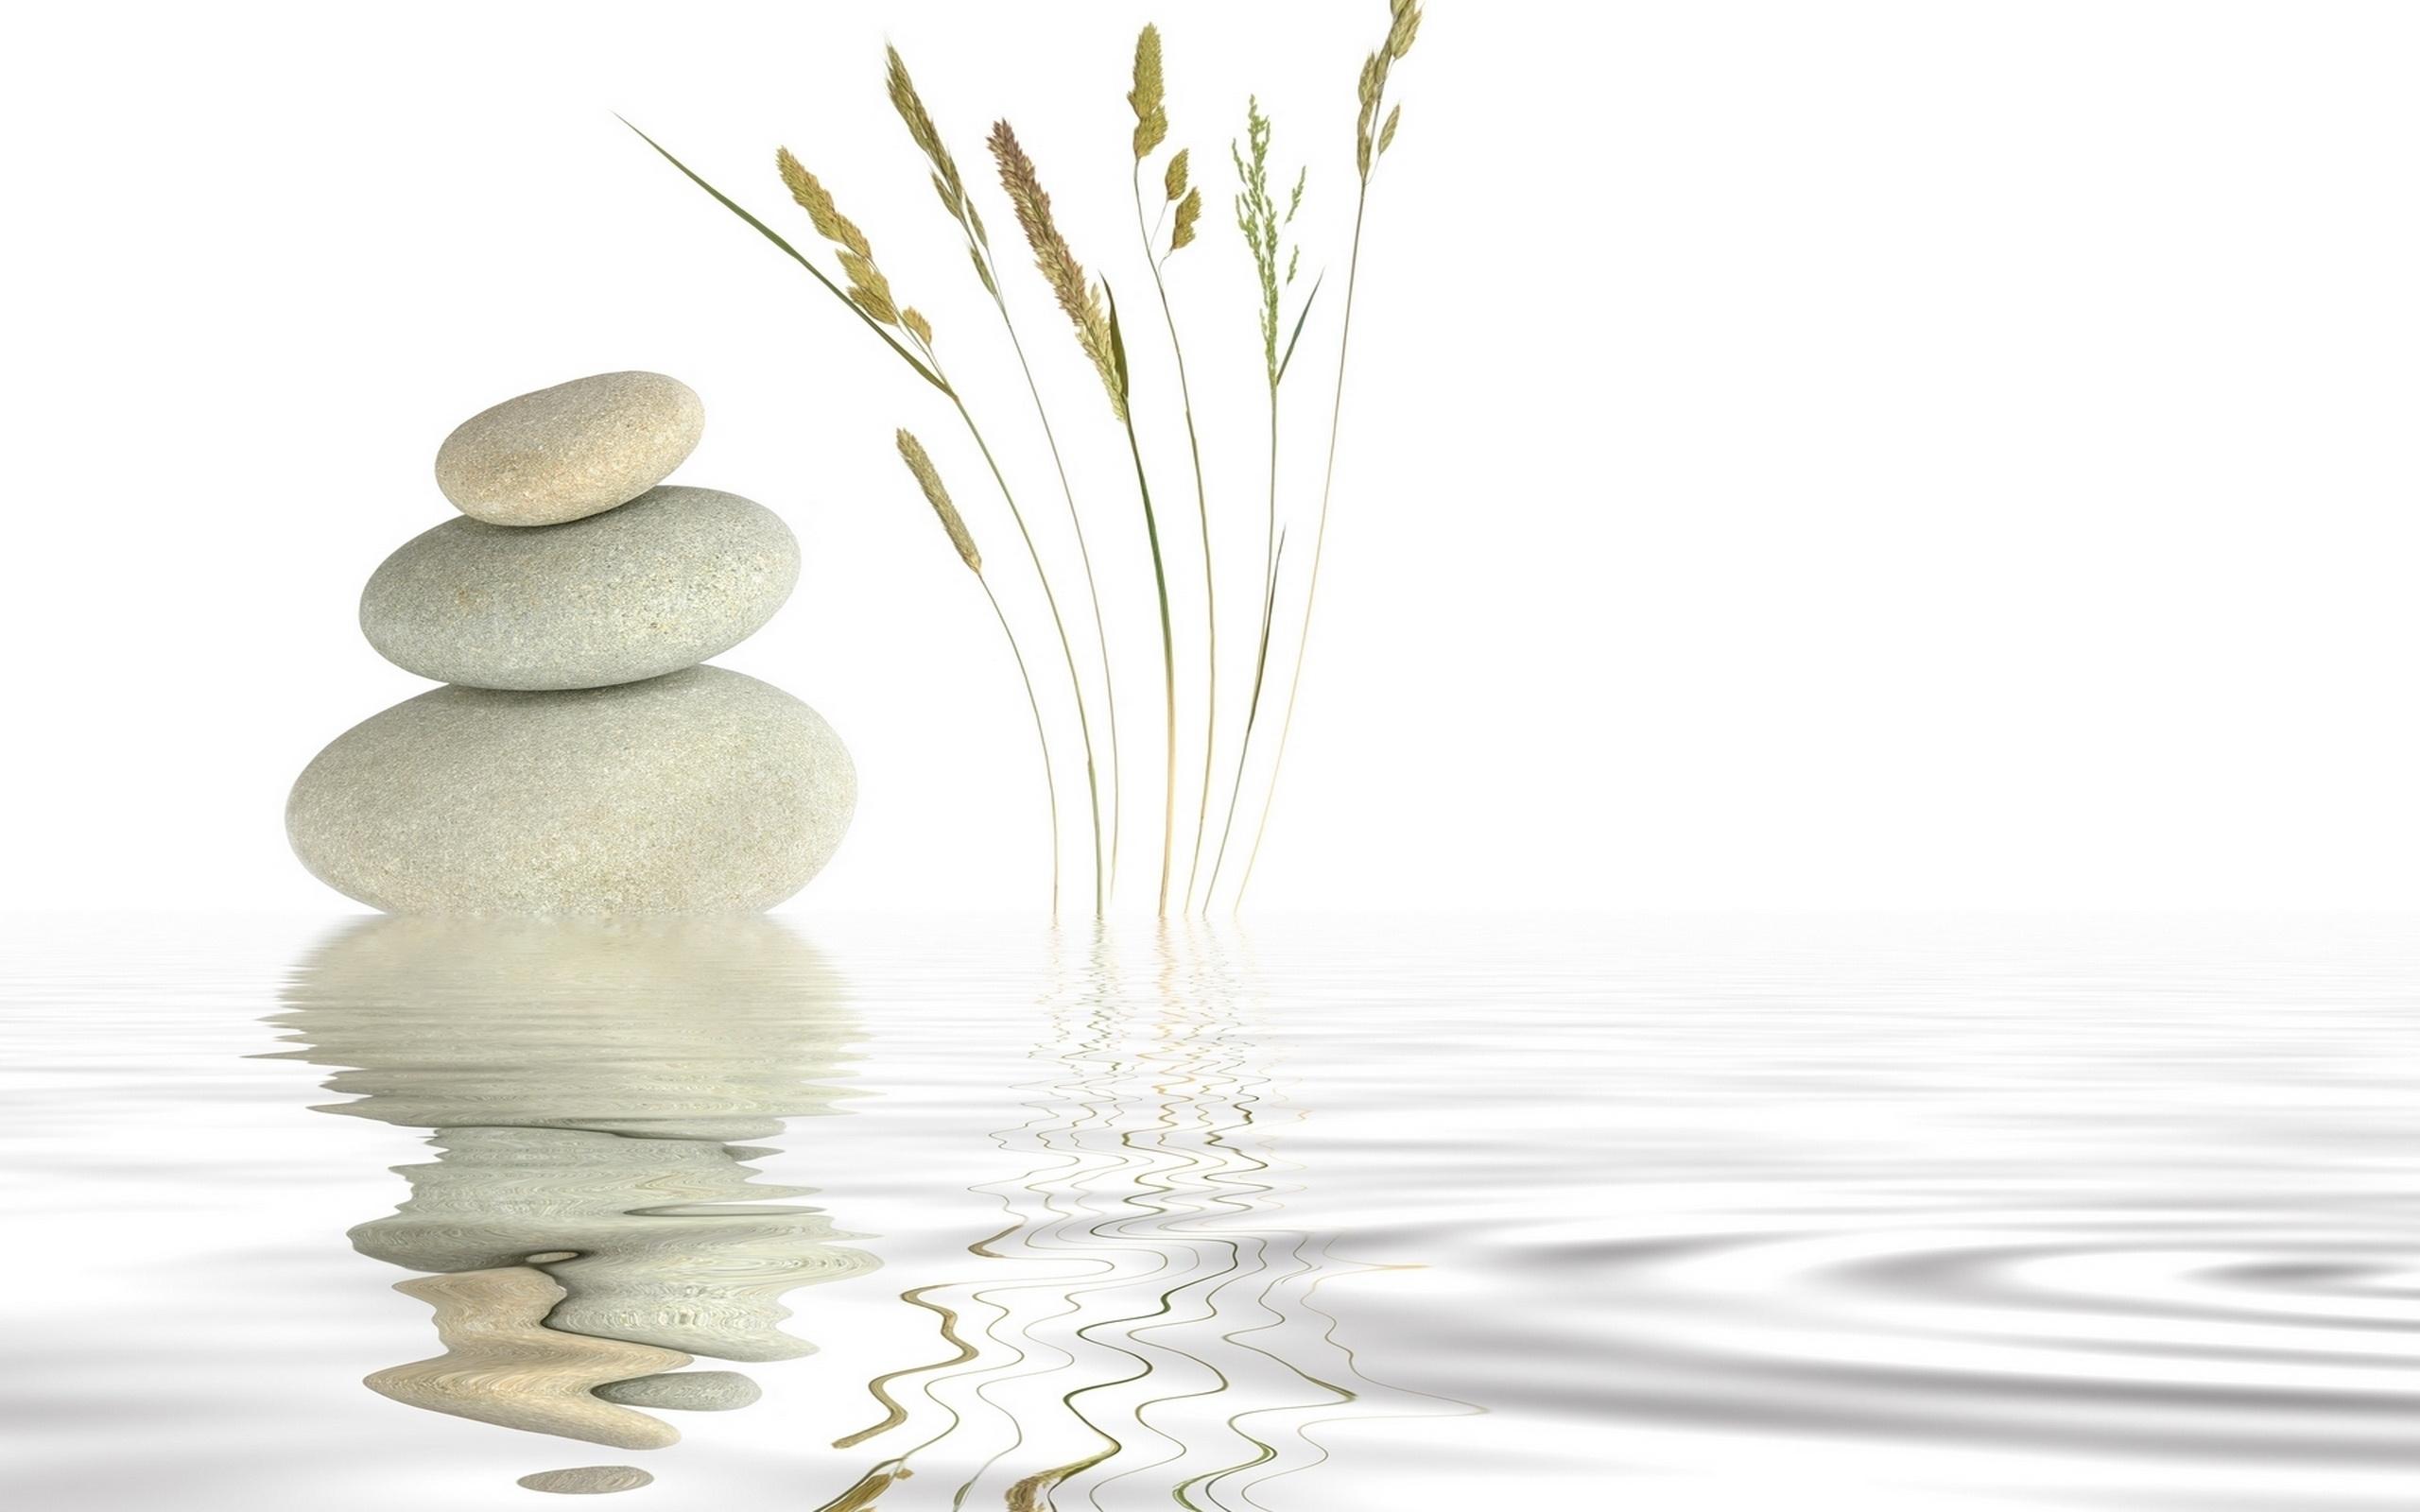 Hd wallpaper zen - Zen Widescreen Wallpaper